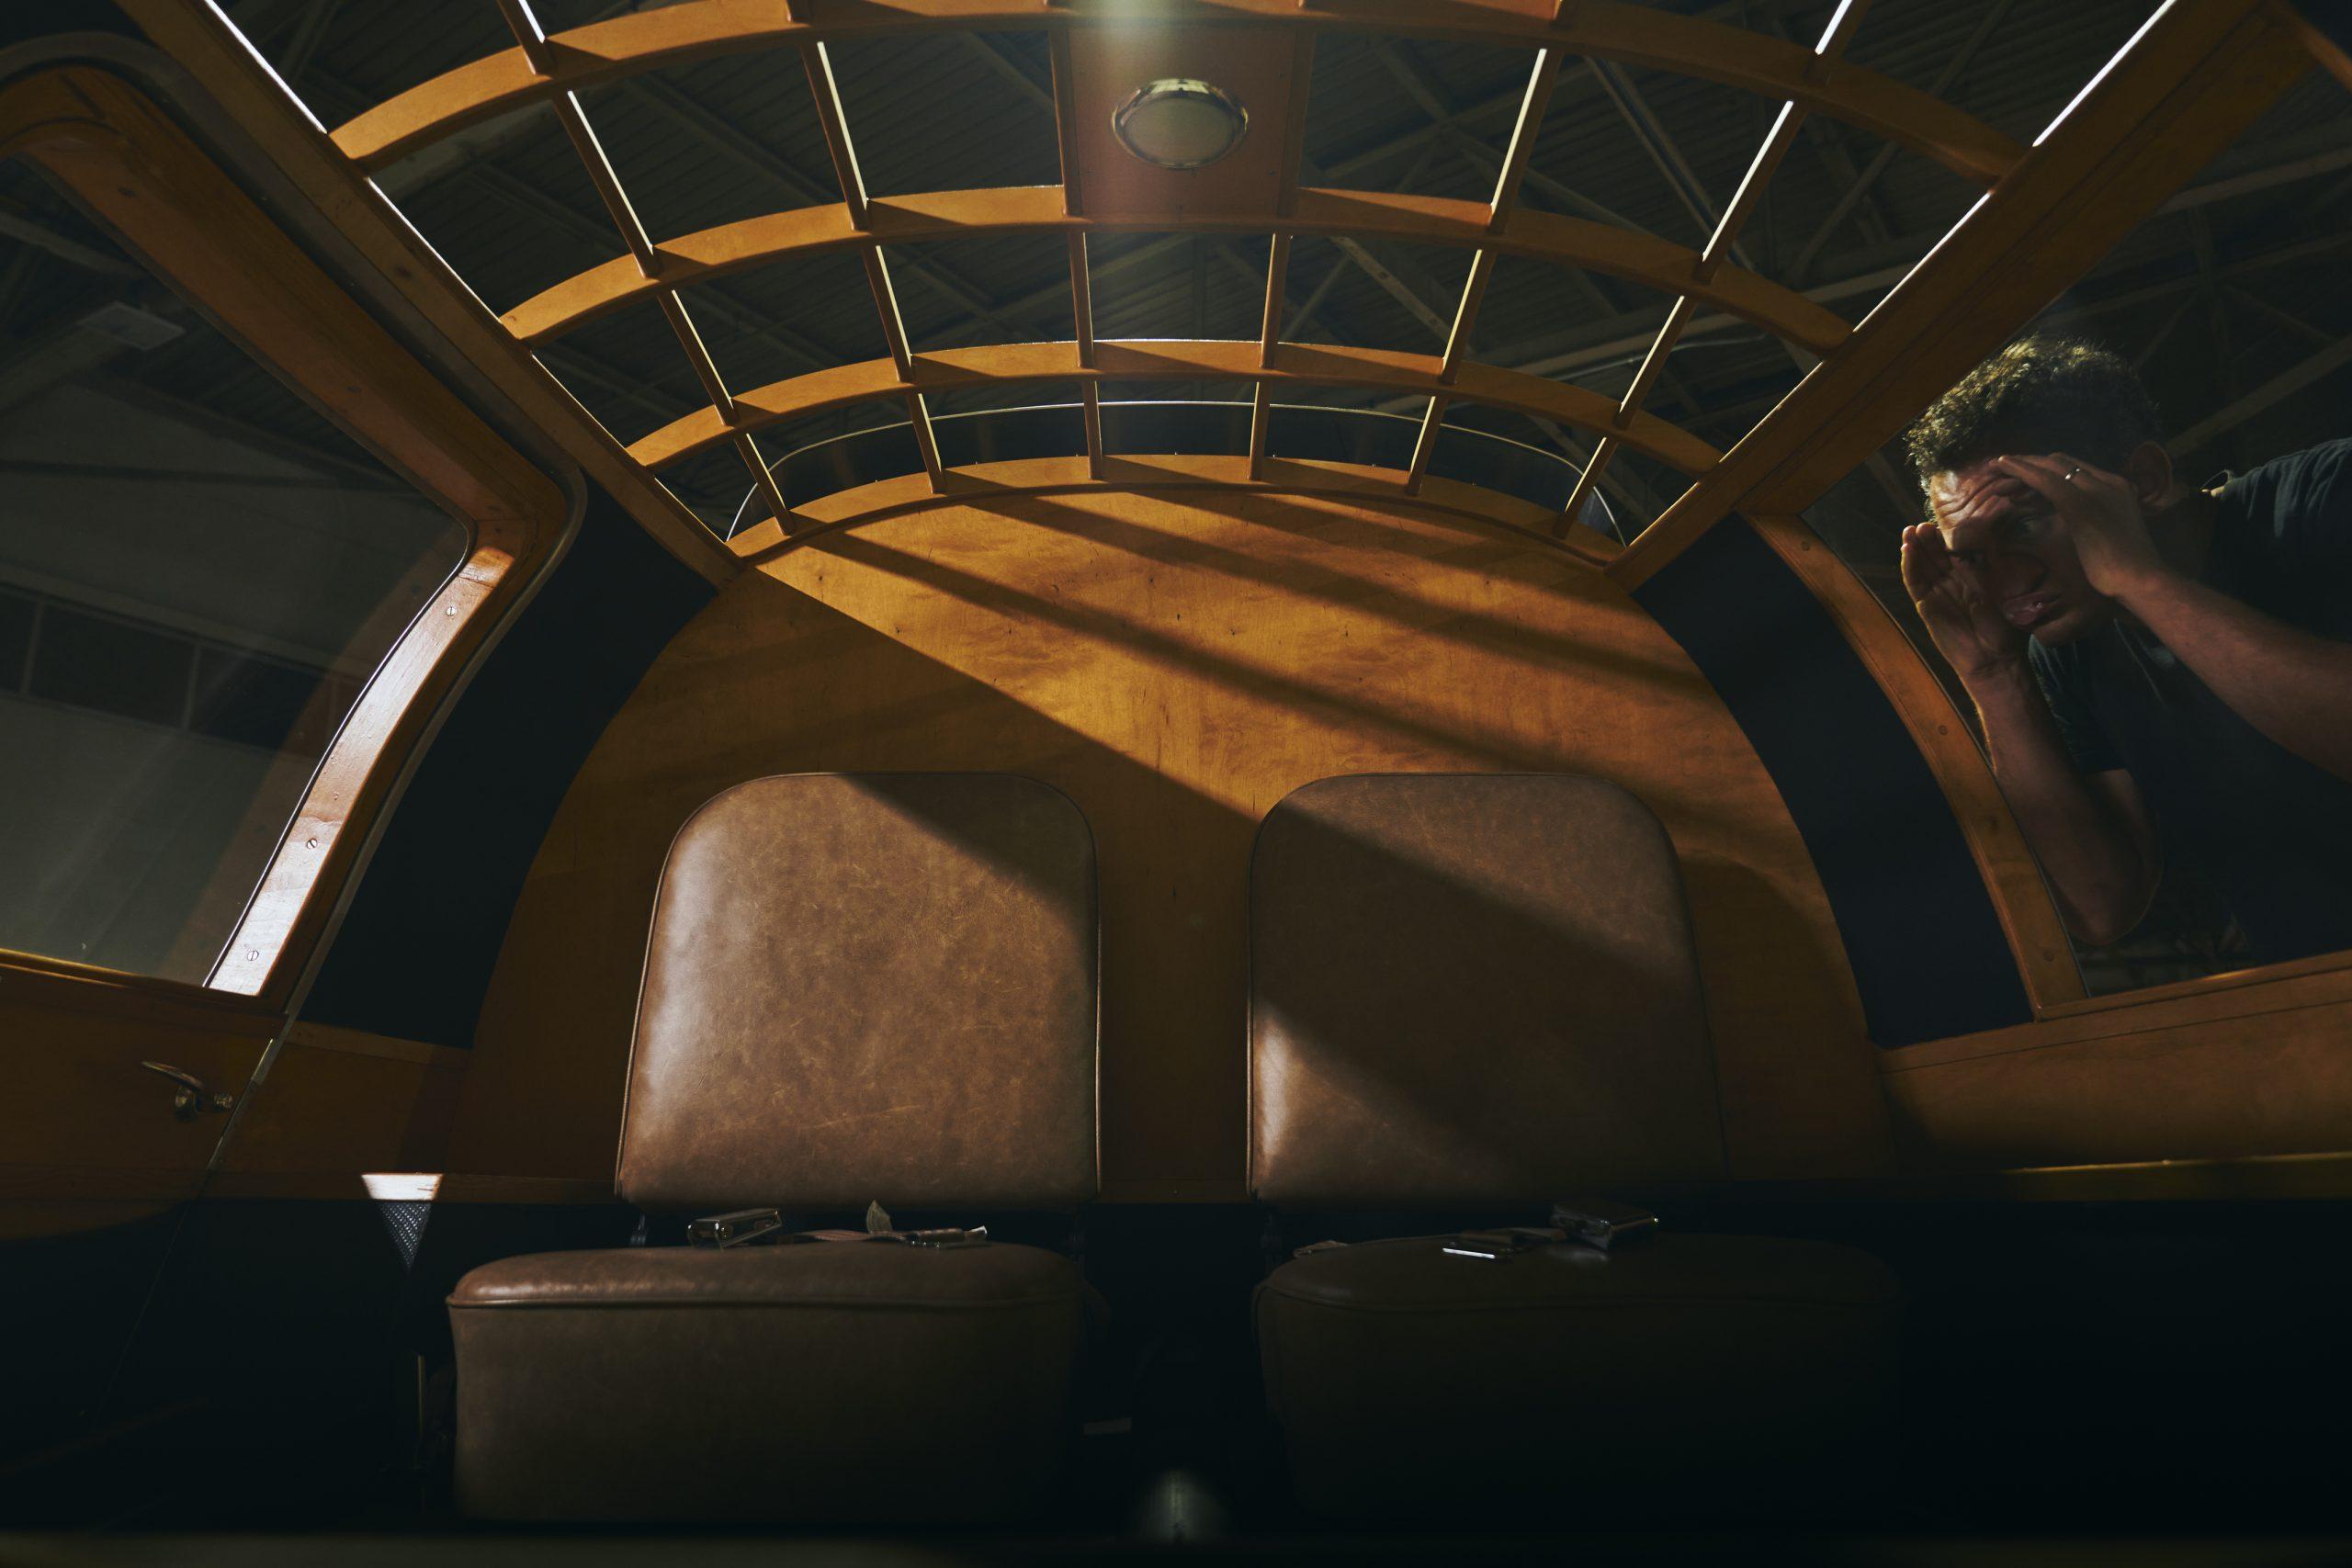 Nashville vintage car museum dymaxion interior